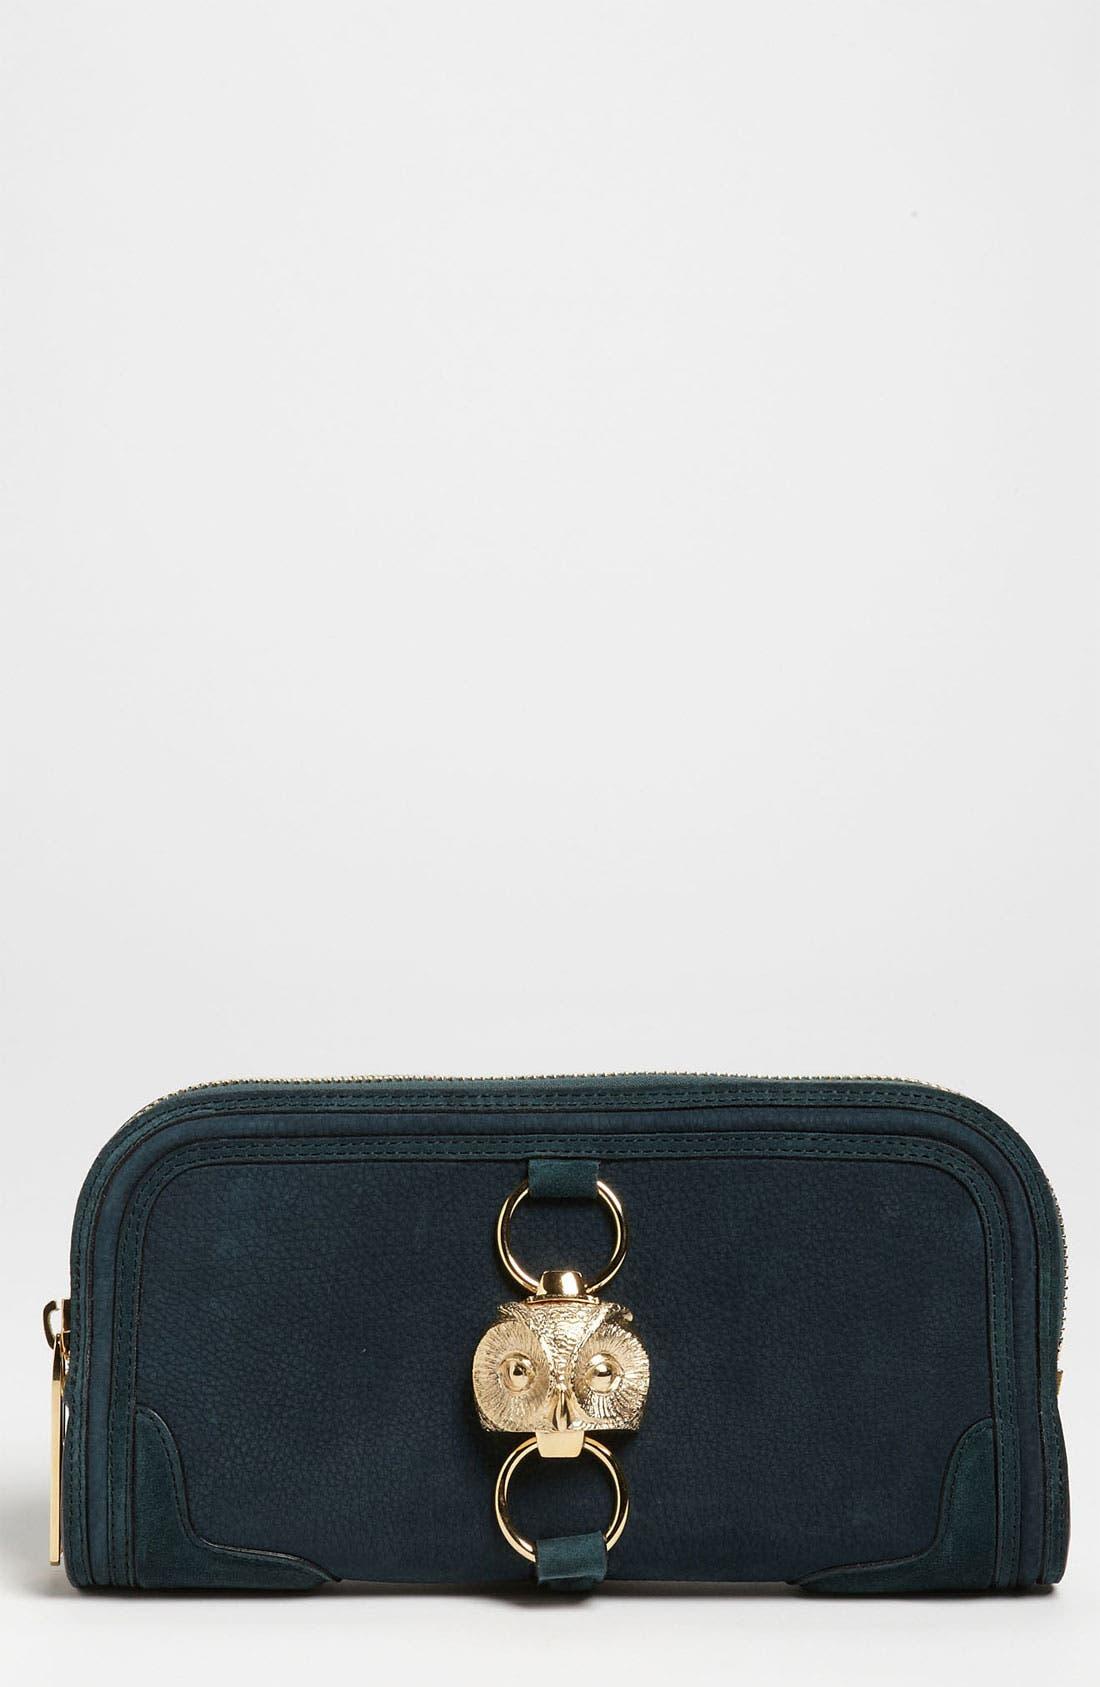 Alternate Image 1 Selected - Burberry Prorsum Nubuck Leather Clutch